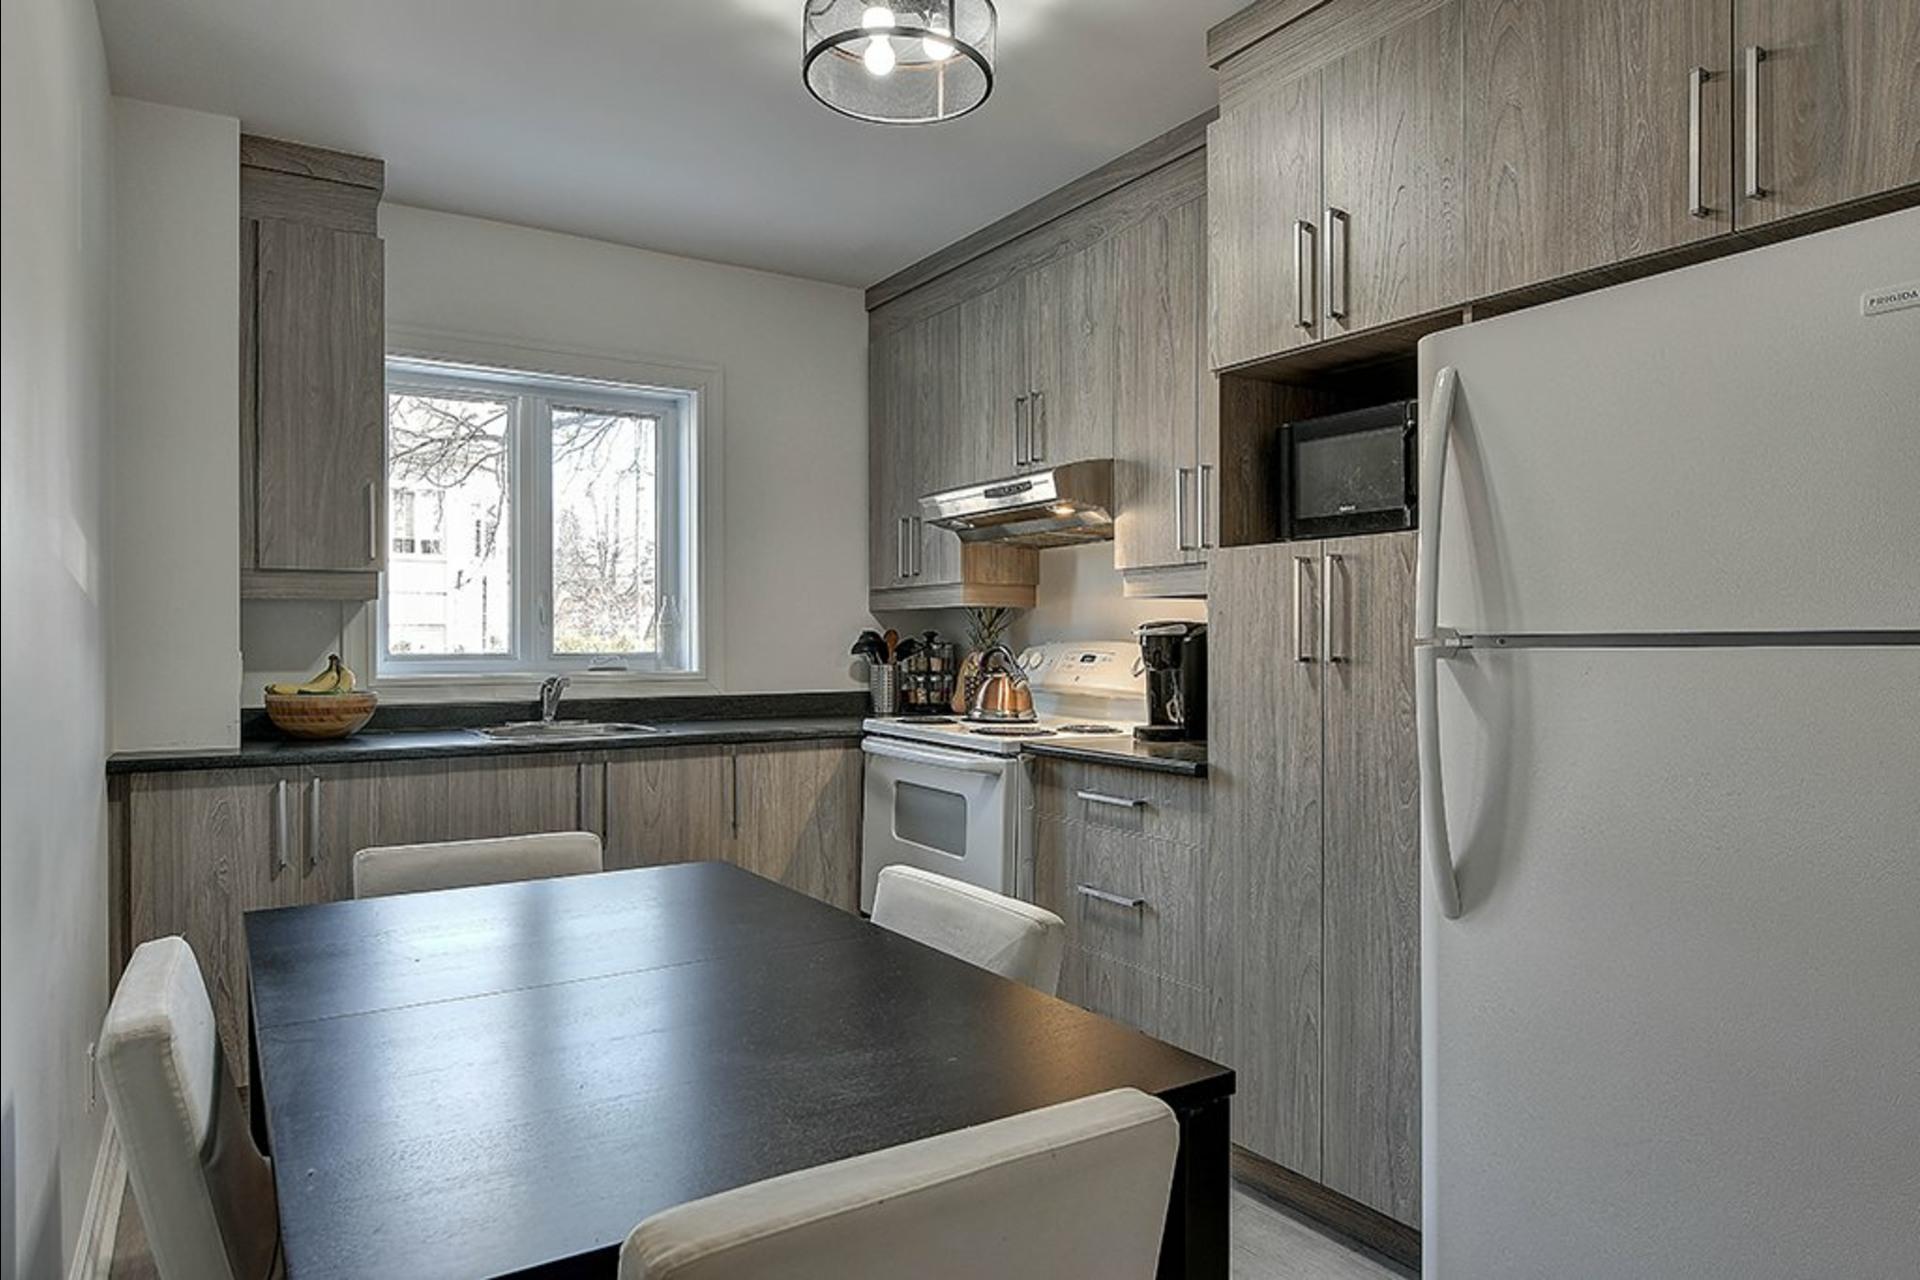 image 6 - 收入财产 出售 Le Sud-Ouest Montréal  - 4 室